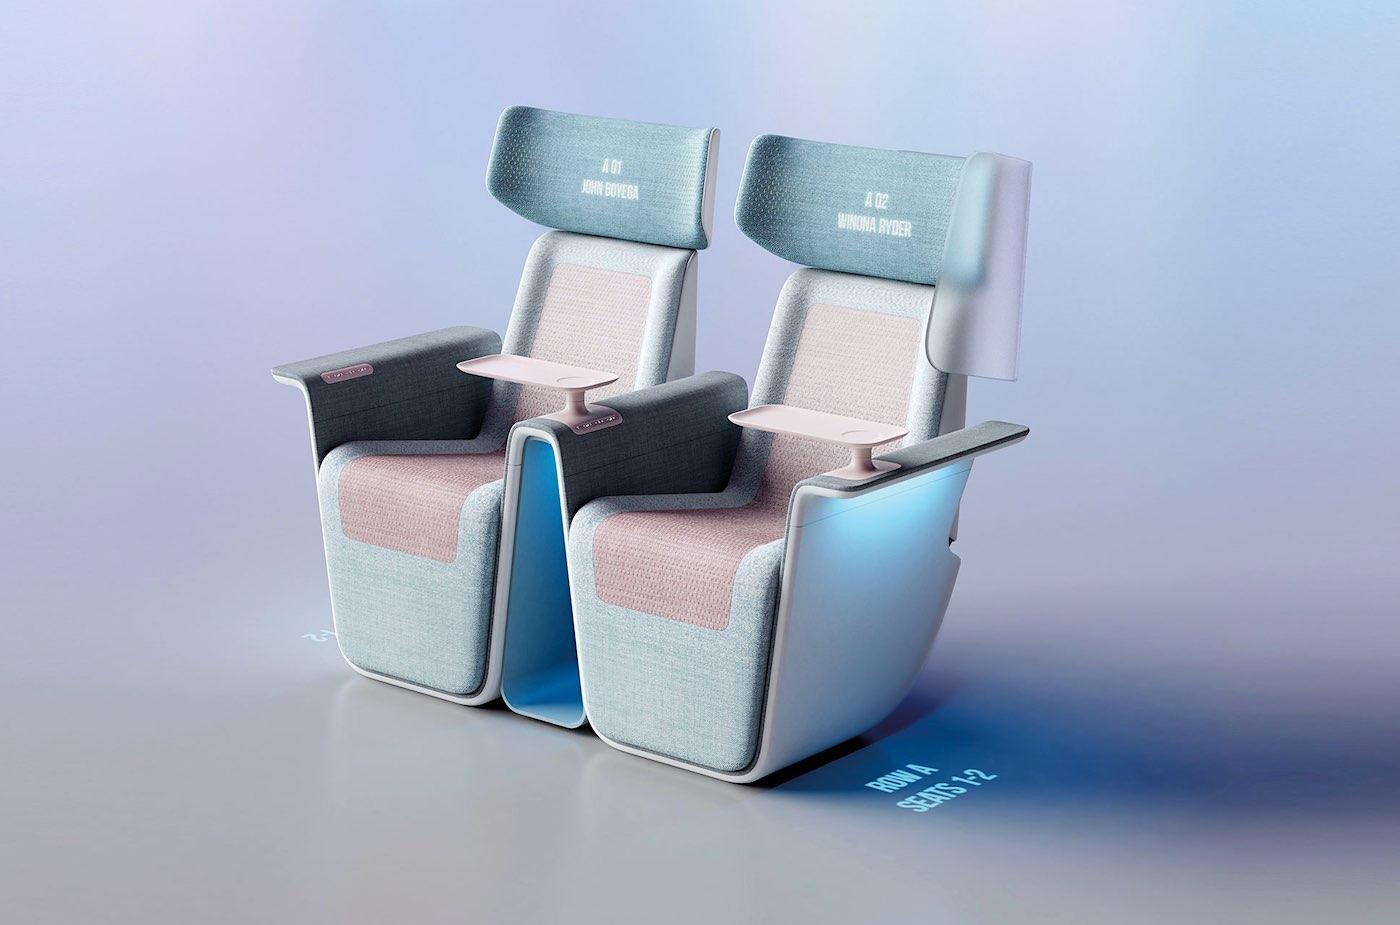 Sequel Seat, el asiento de cine post-coronavirus diseñado por Layer con tejido antivírico, pantallas y luces UV